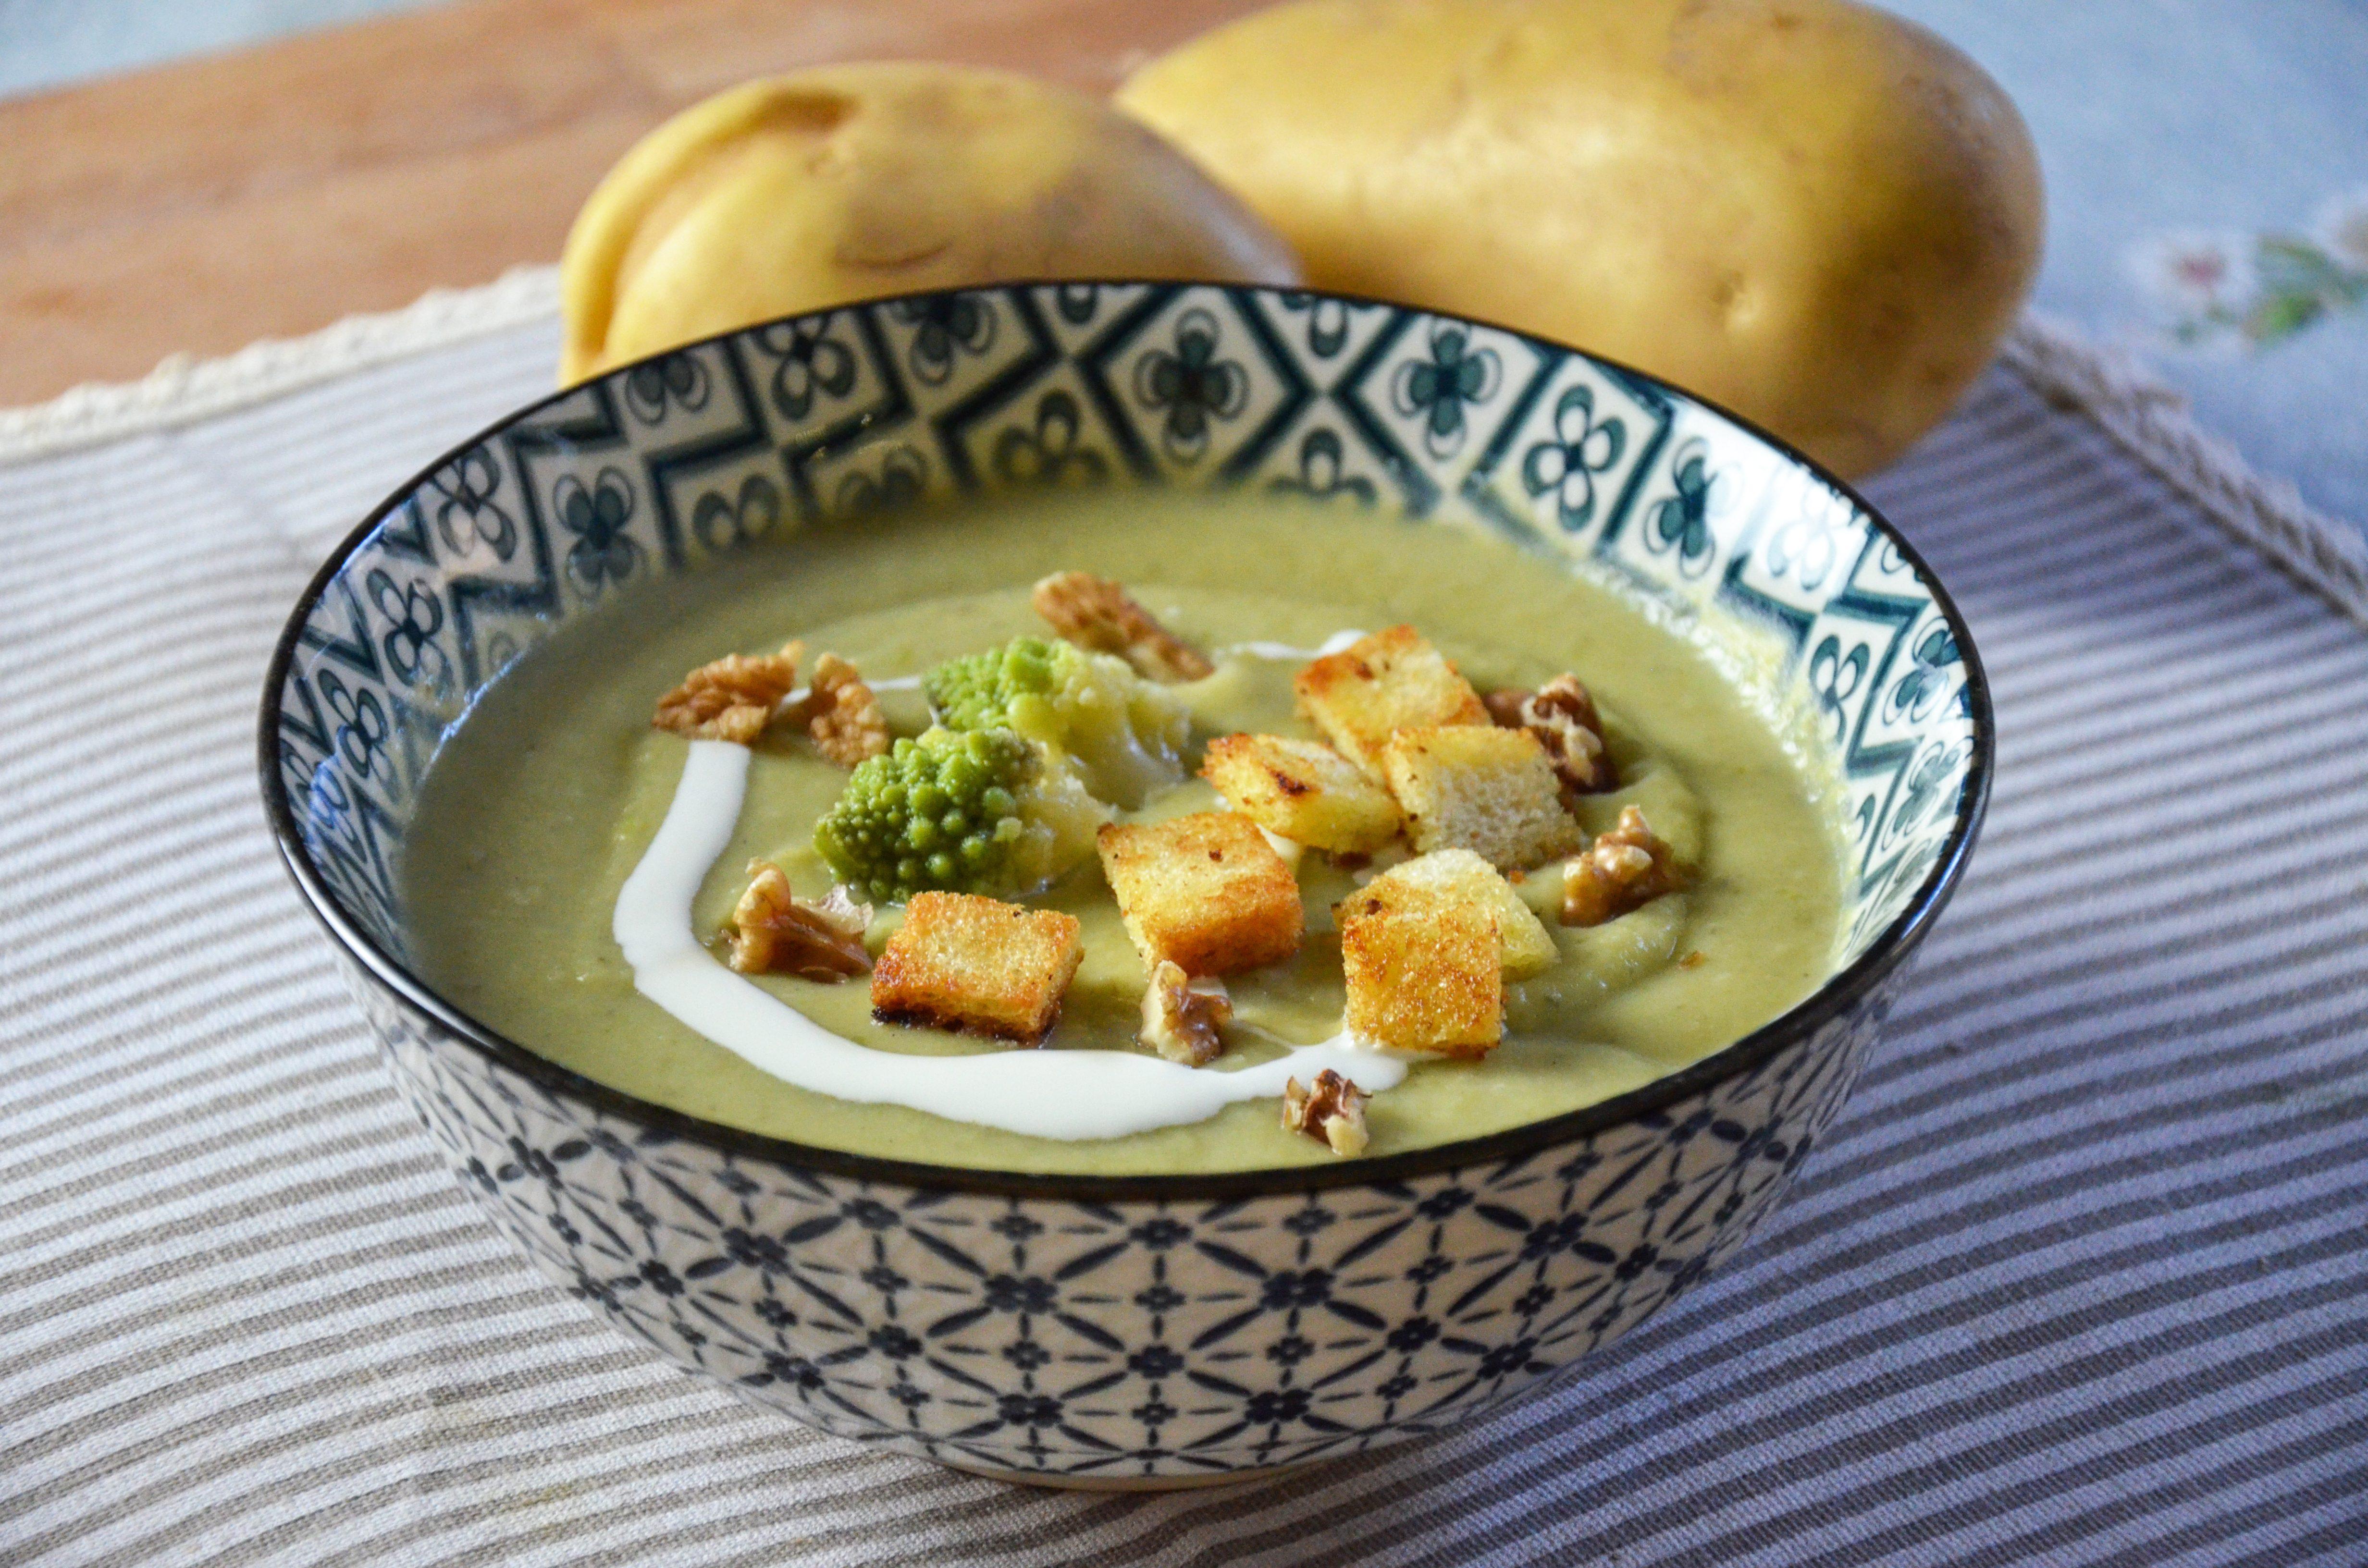 Vellutata di broccolo romano: la ricetta del piatto caldo e gustoso